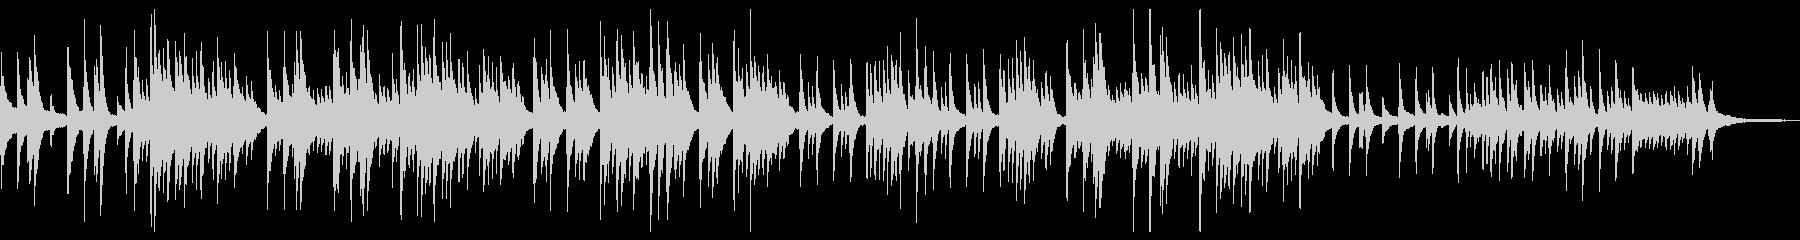 ノスタルジックで落ち着きのあるピアノソロの未再生の波形